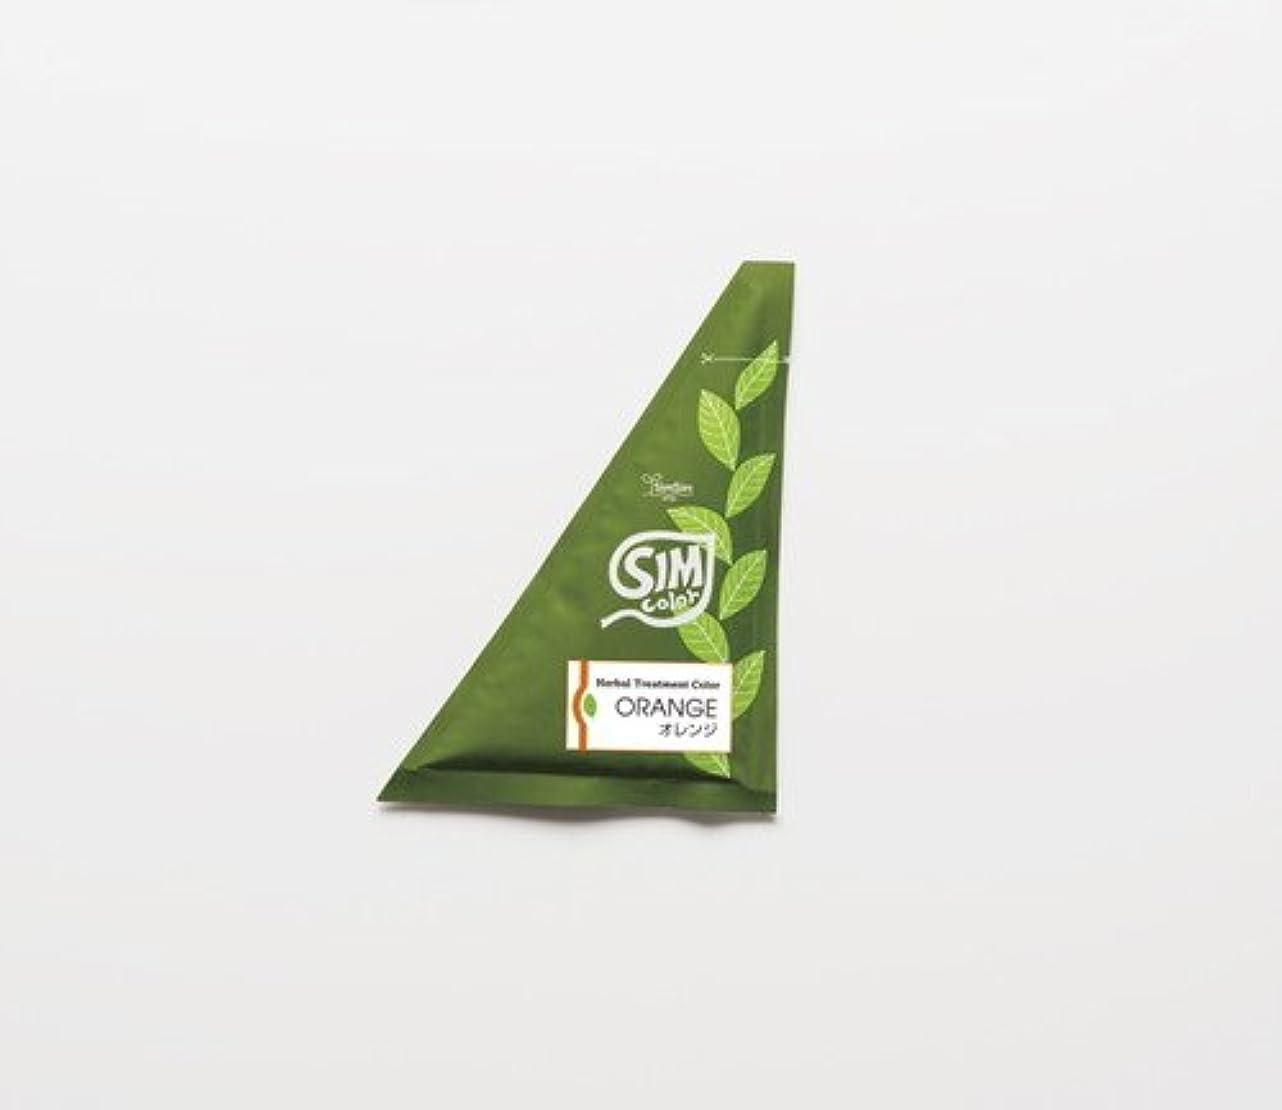 所属挽くチートSimSim(シムシム)お手軽簡単シムカラーエクストラ(EX)25g 2袋 オレンジ